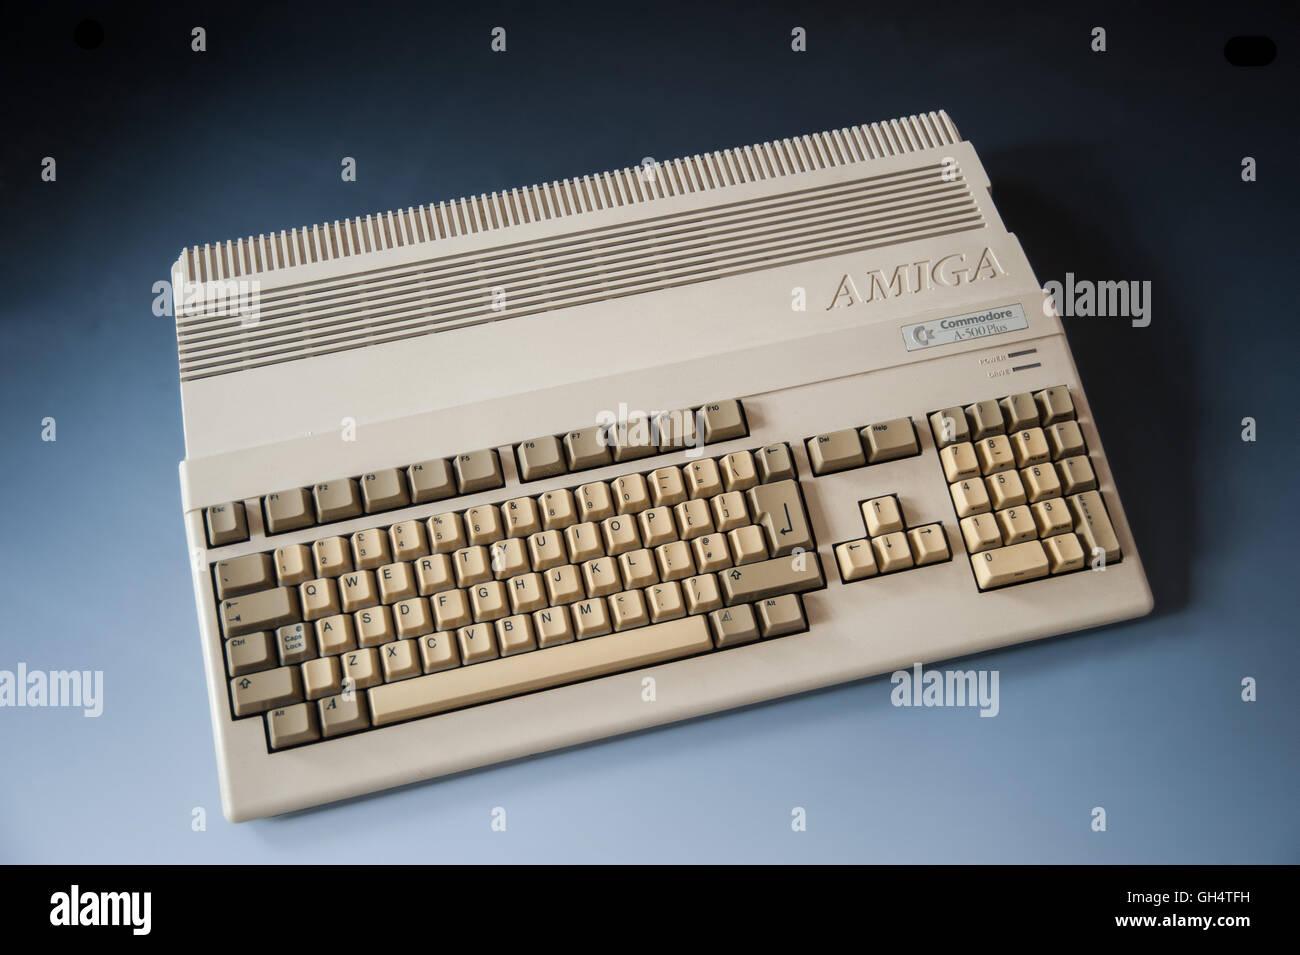 Amiga Commodore A500+ Computer - Stock Image